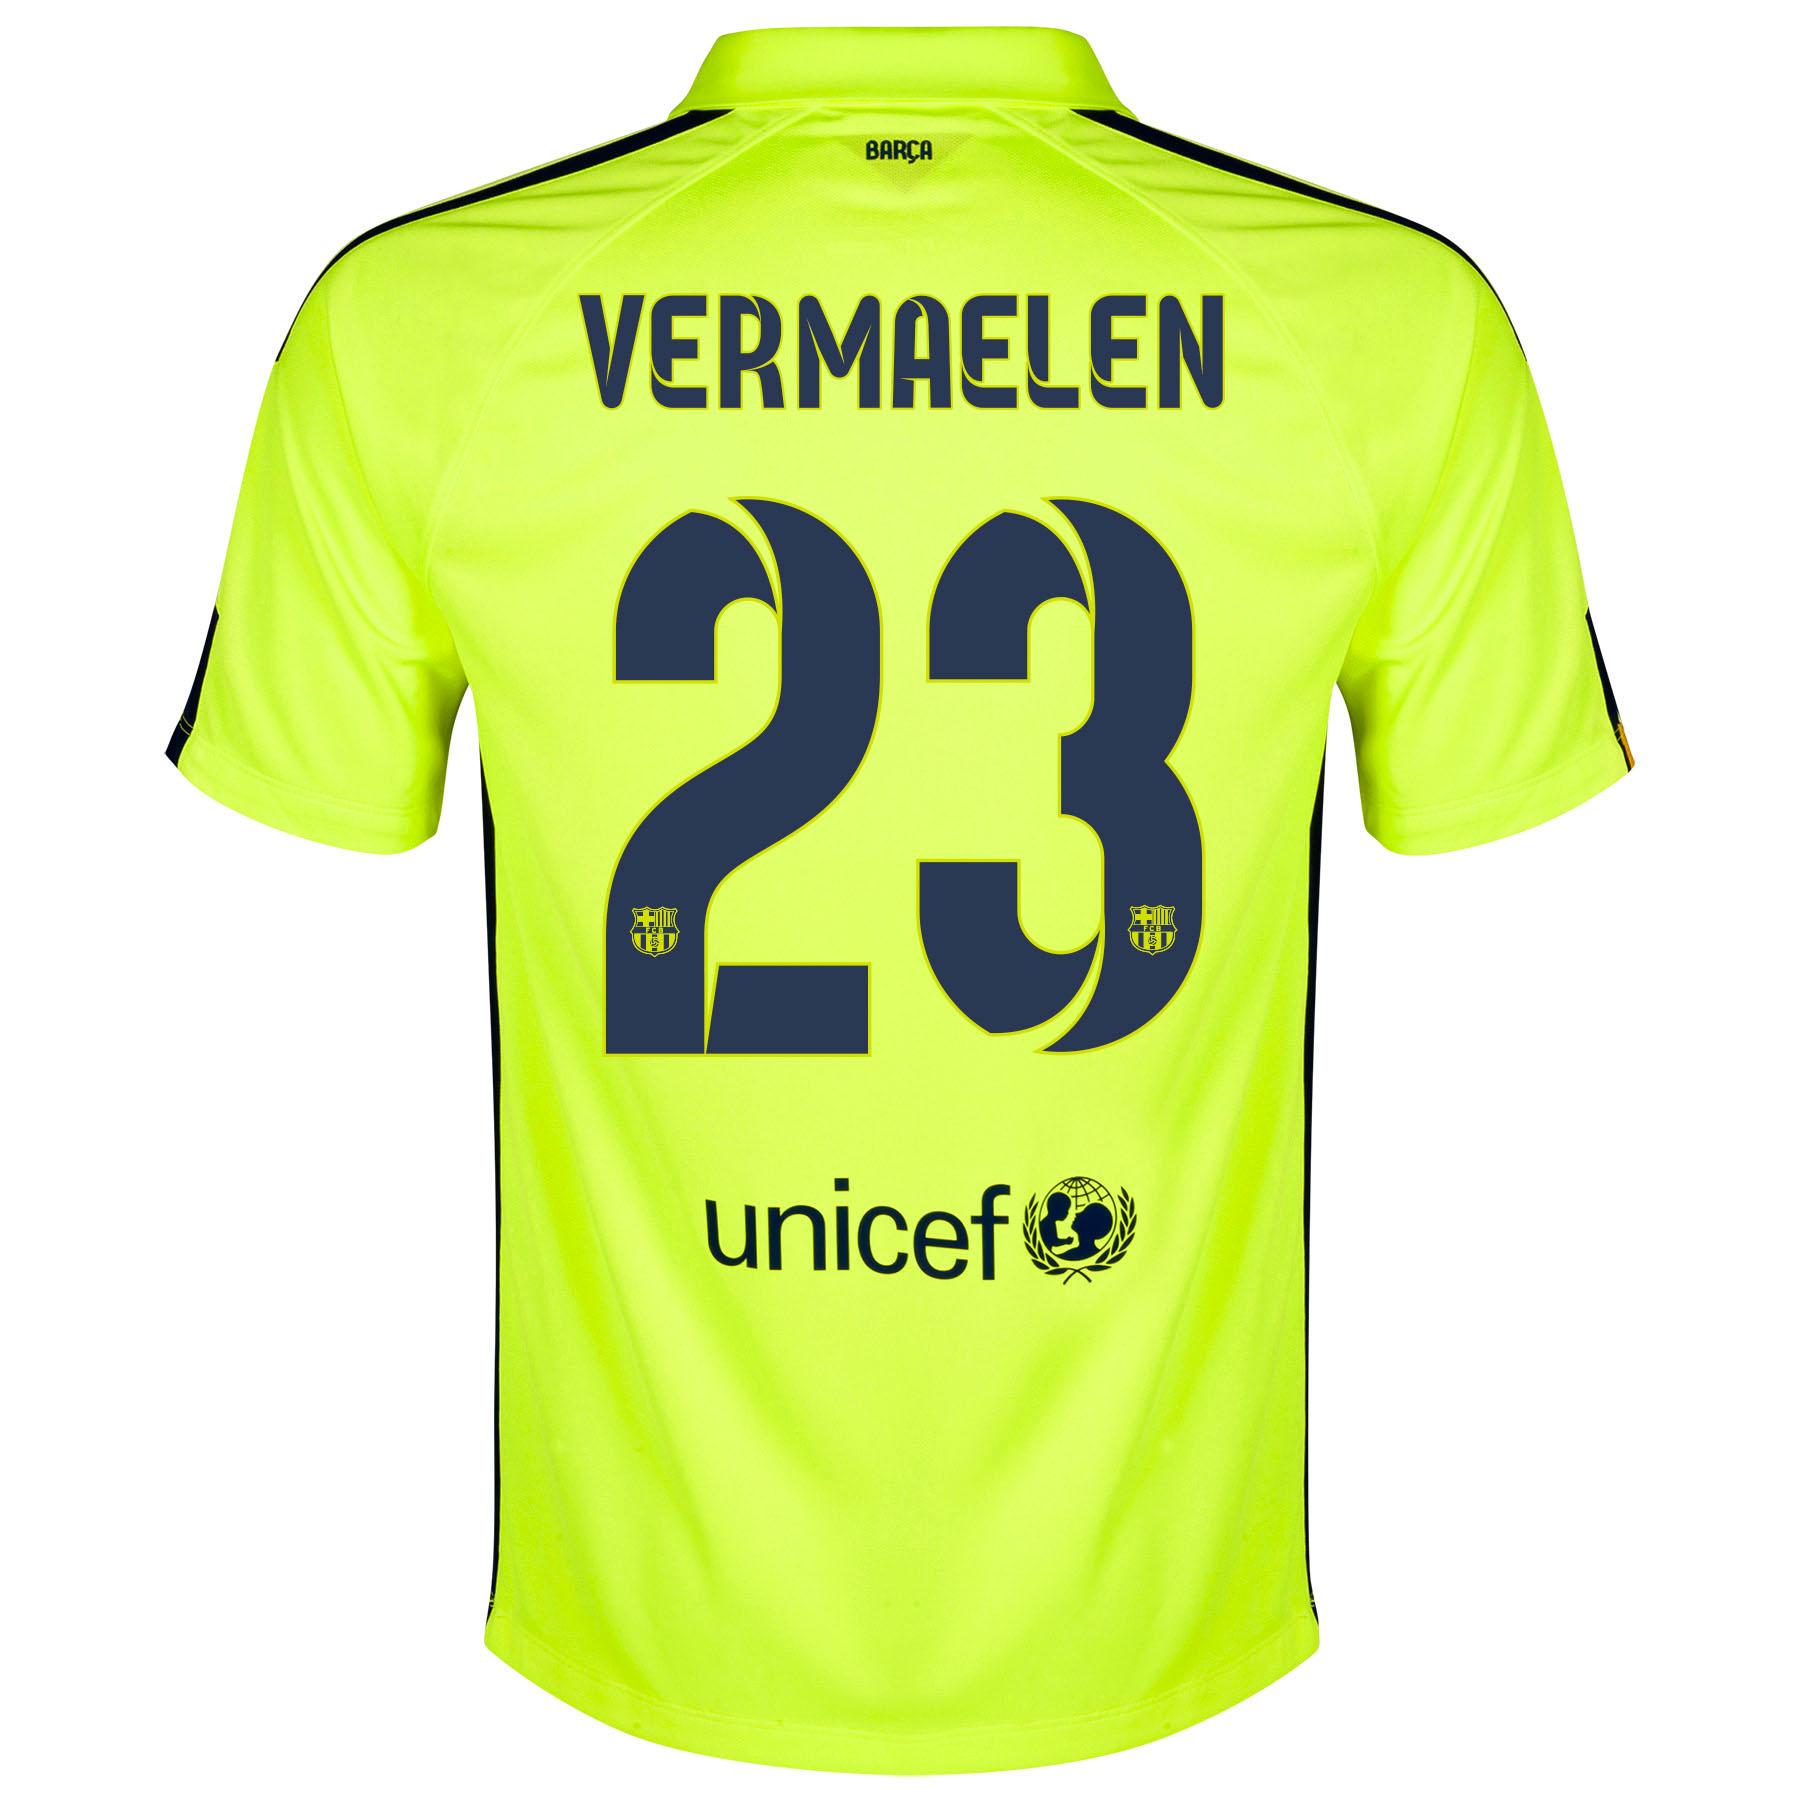 Barcelona Third Shirt 2014/15 Yellow with Vermaelen 23 printing